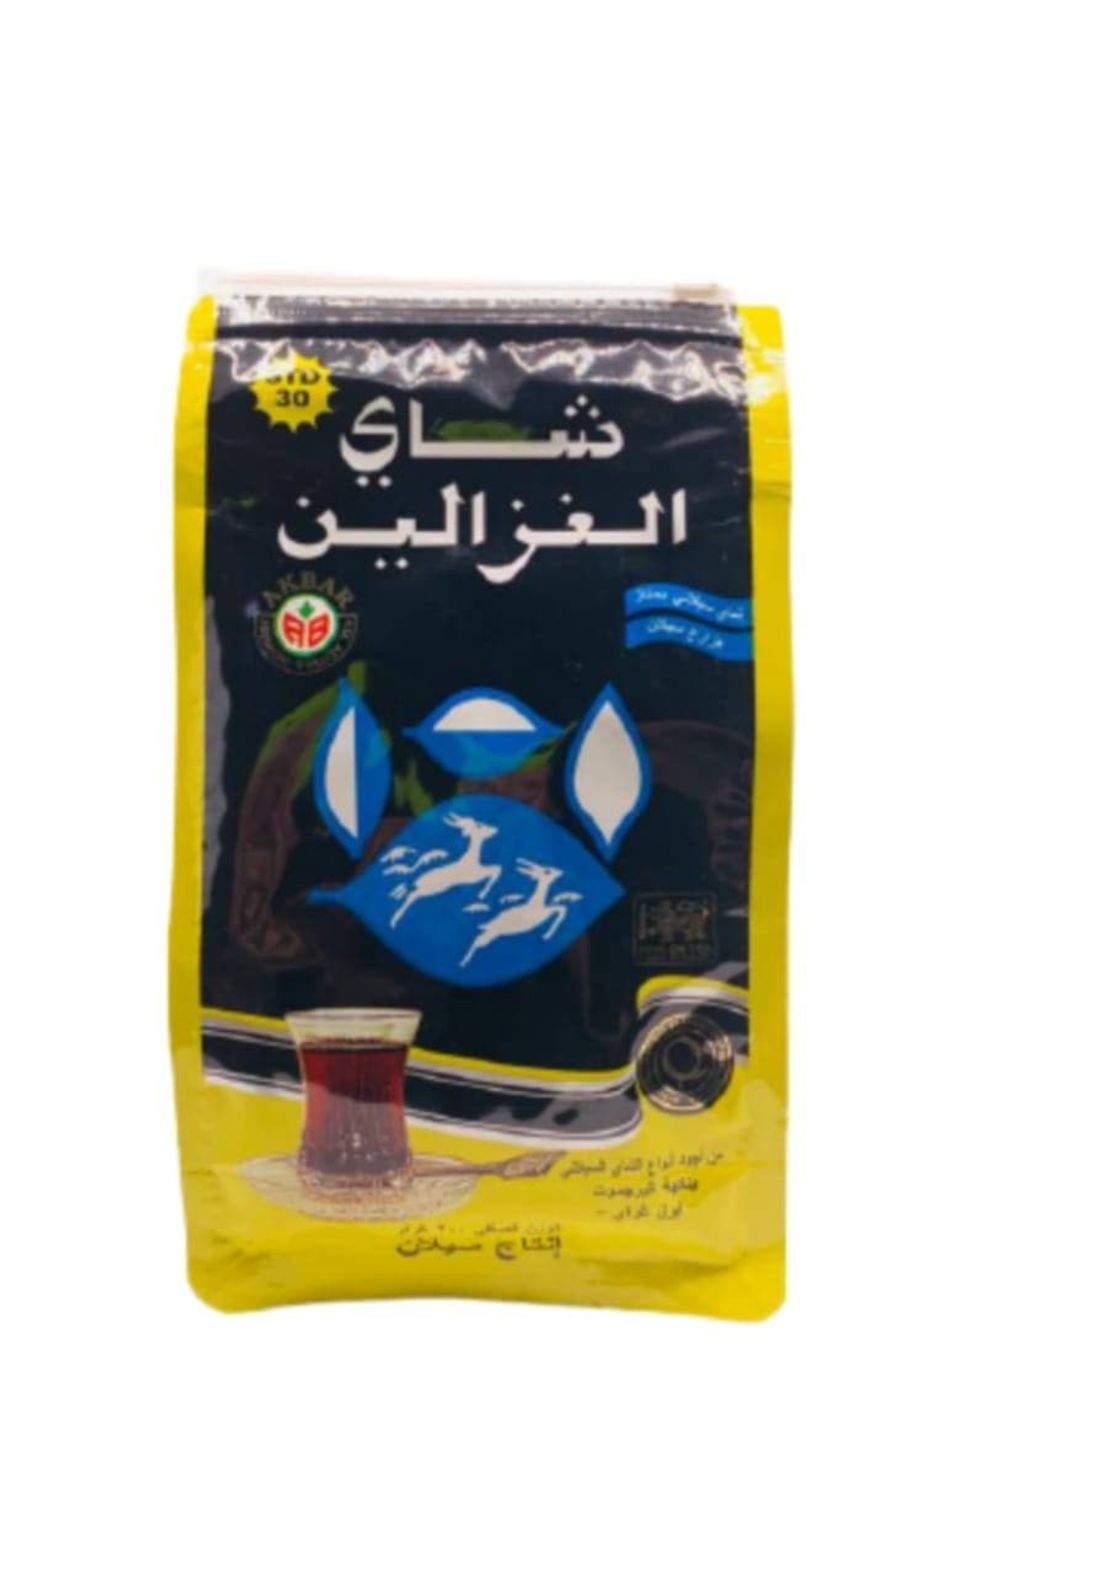 Aldhazaleen tea 200g شاي الغزالين